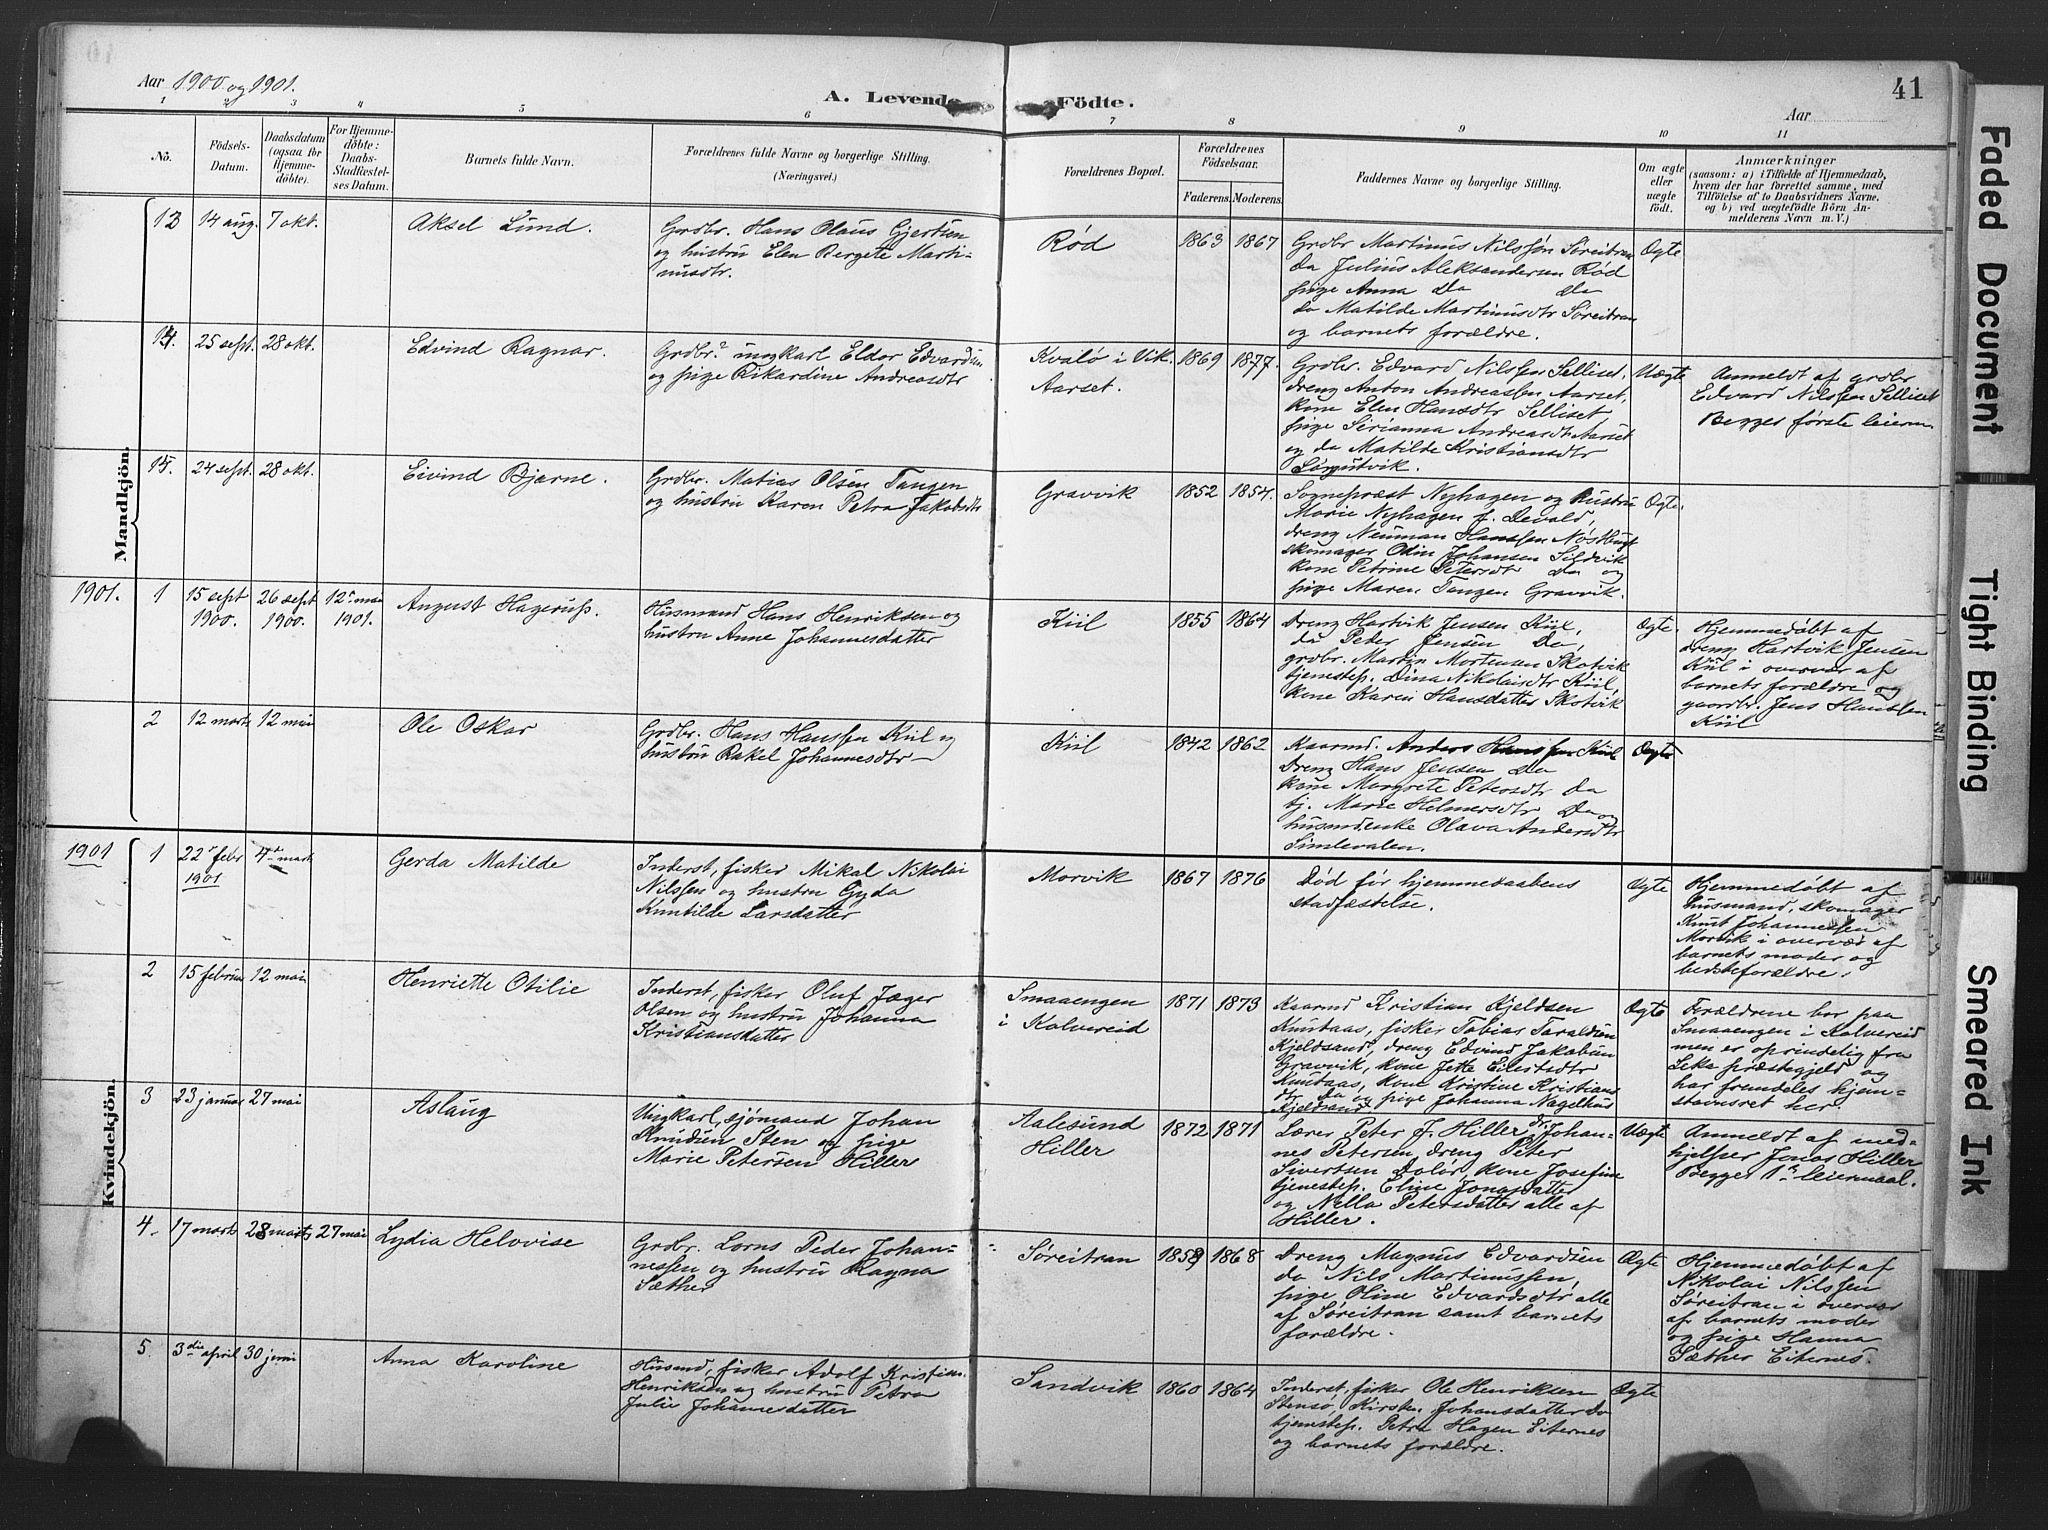 SAT, Ministerialprotokoller, klokkerbøker og fødselsregistre - Nord-Trøndelag, 789/L0706: Klokkerbok nr. 789C01, 1888-1931, s. 41